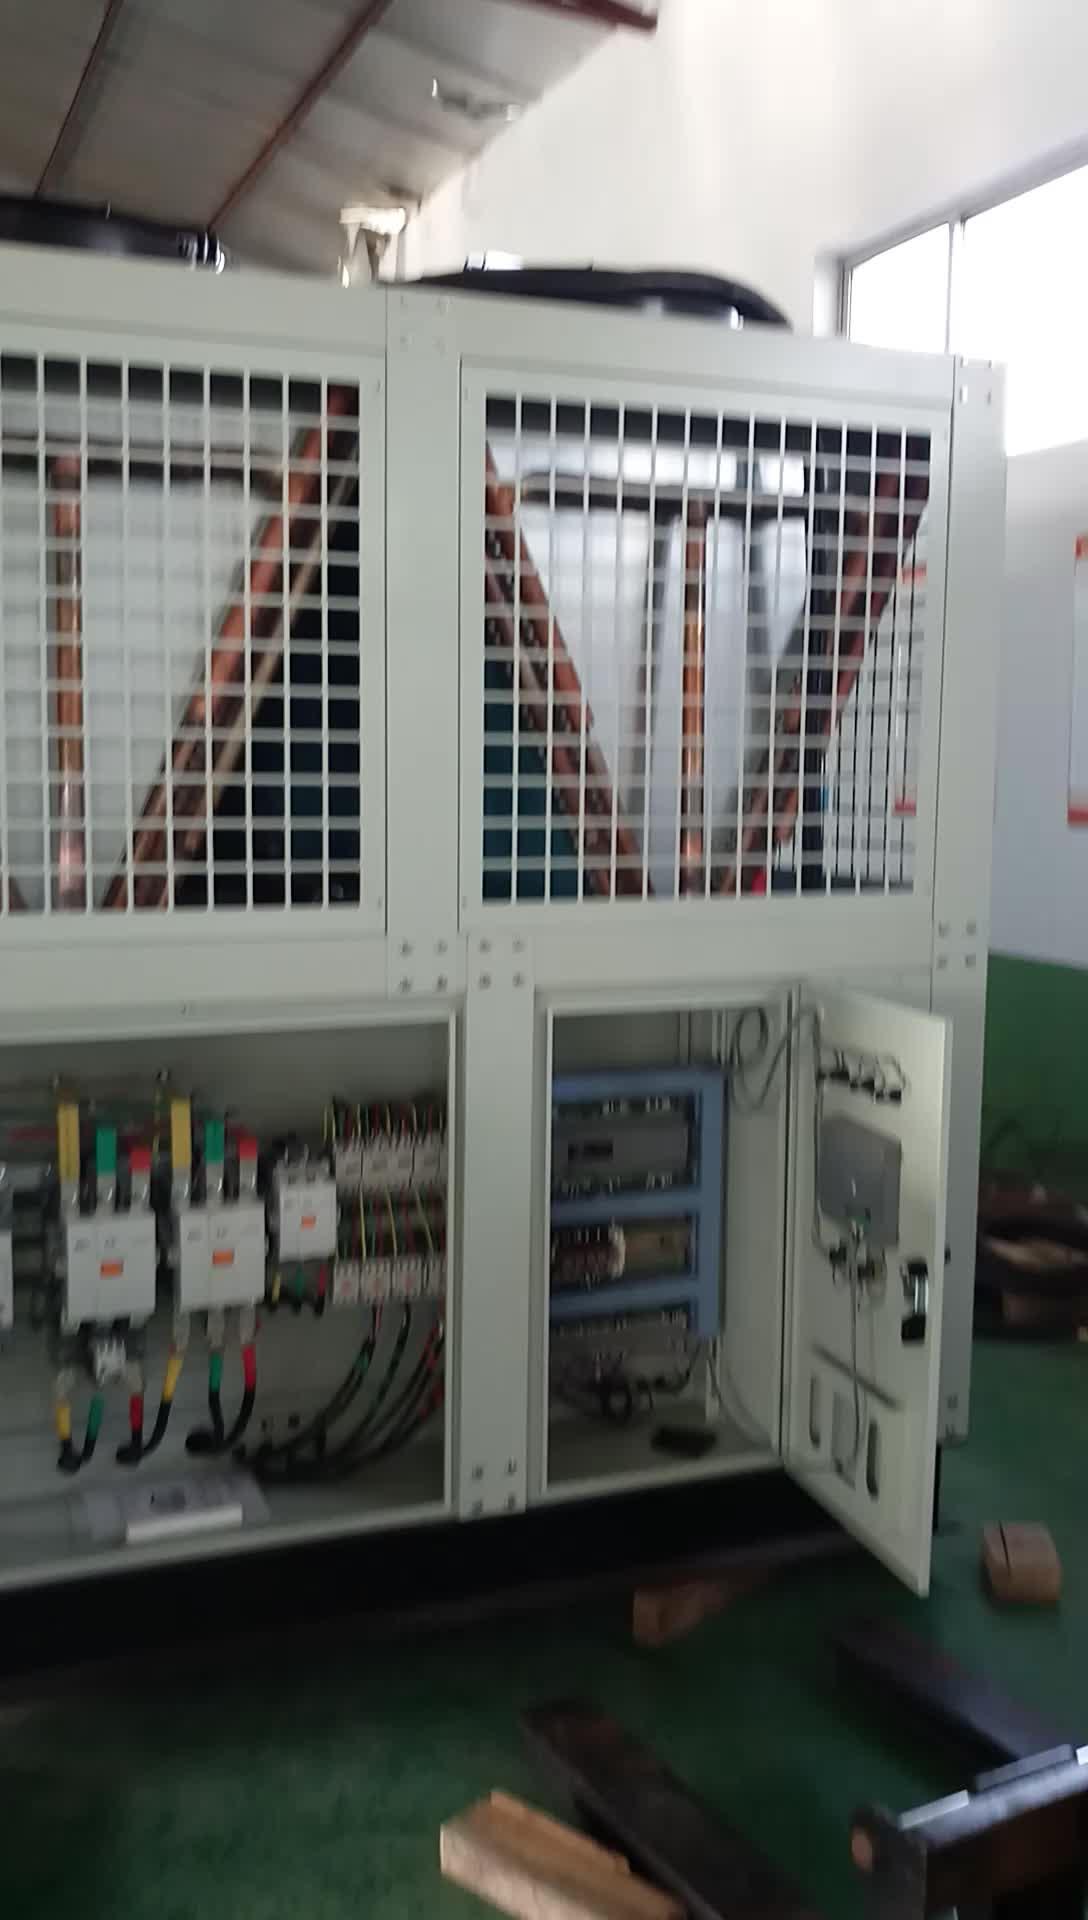 R22/R407c R134a koelmiddel 100HP luchtgekoelde schroef water chiller